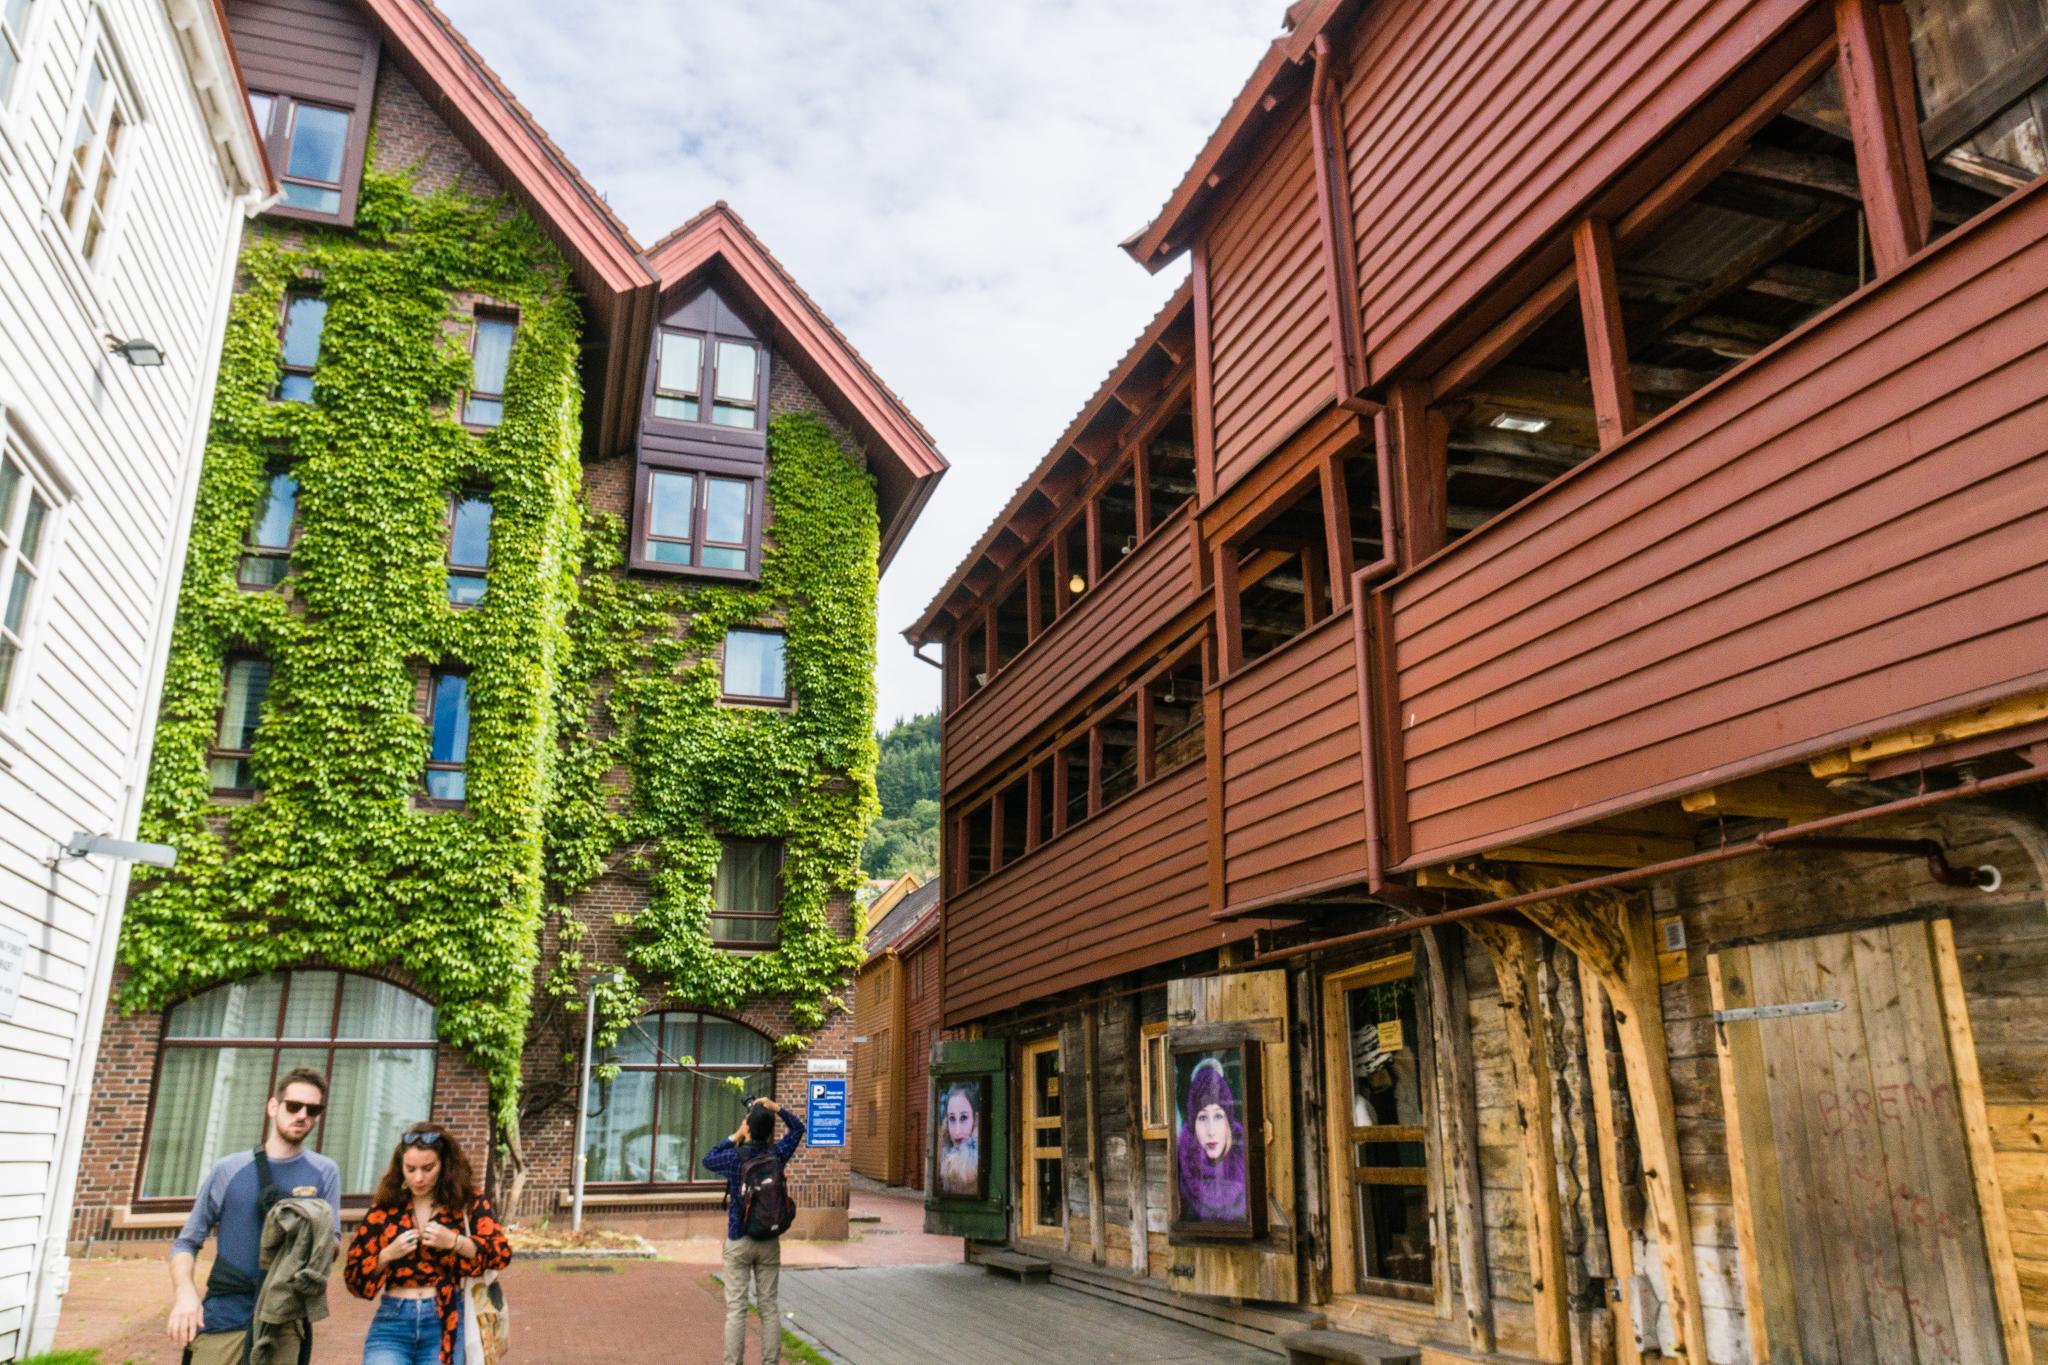 【卑爾根】Bryggen 世界遺產布呂根 — 迷失在百年歷史的挪威彩色木屋 14